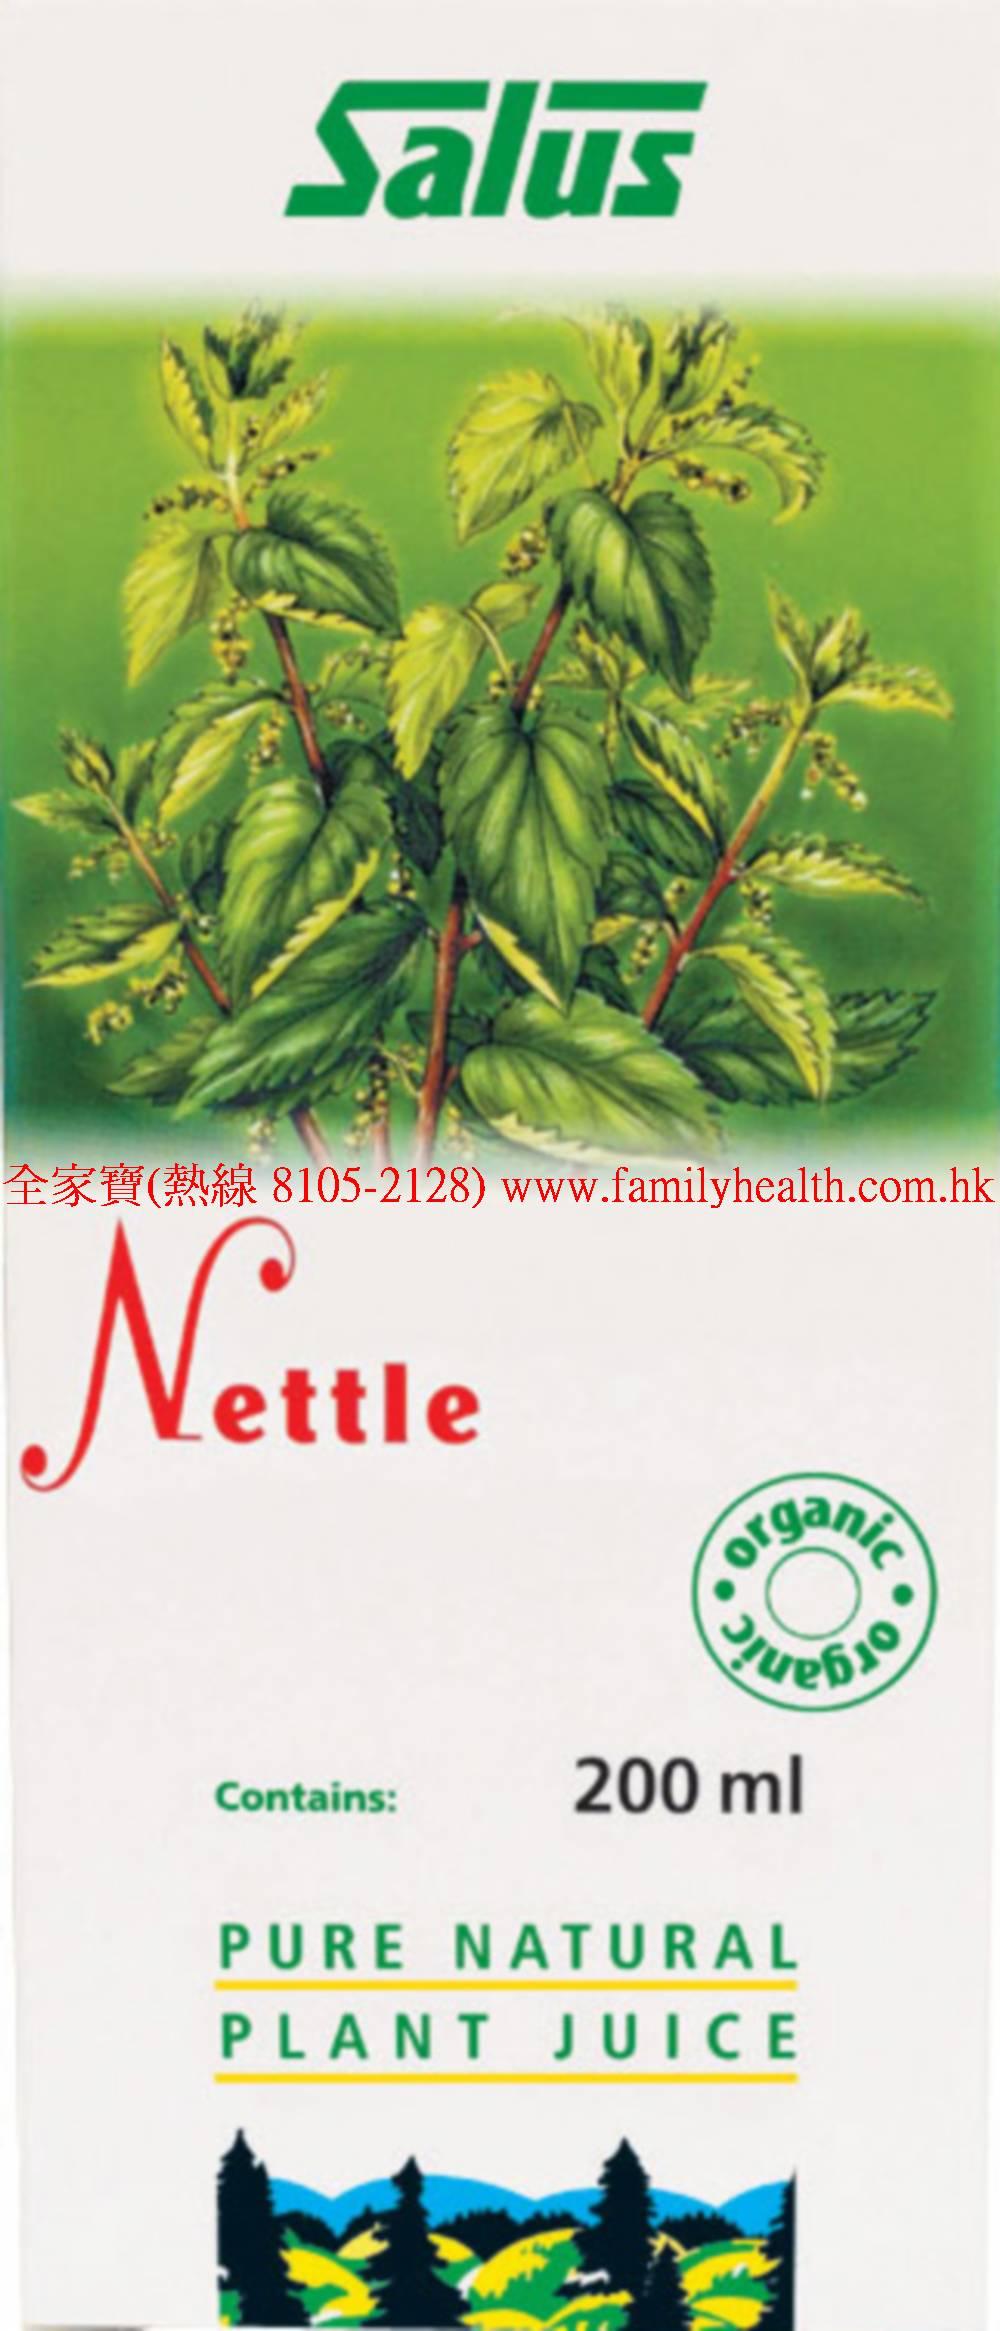 http://www.familyhealth.com.hk/files/full/205_0.jpg